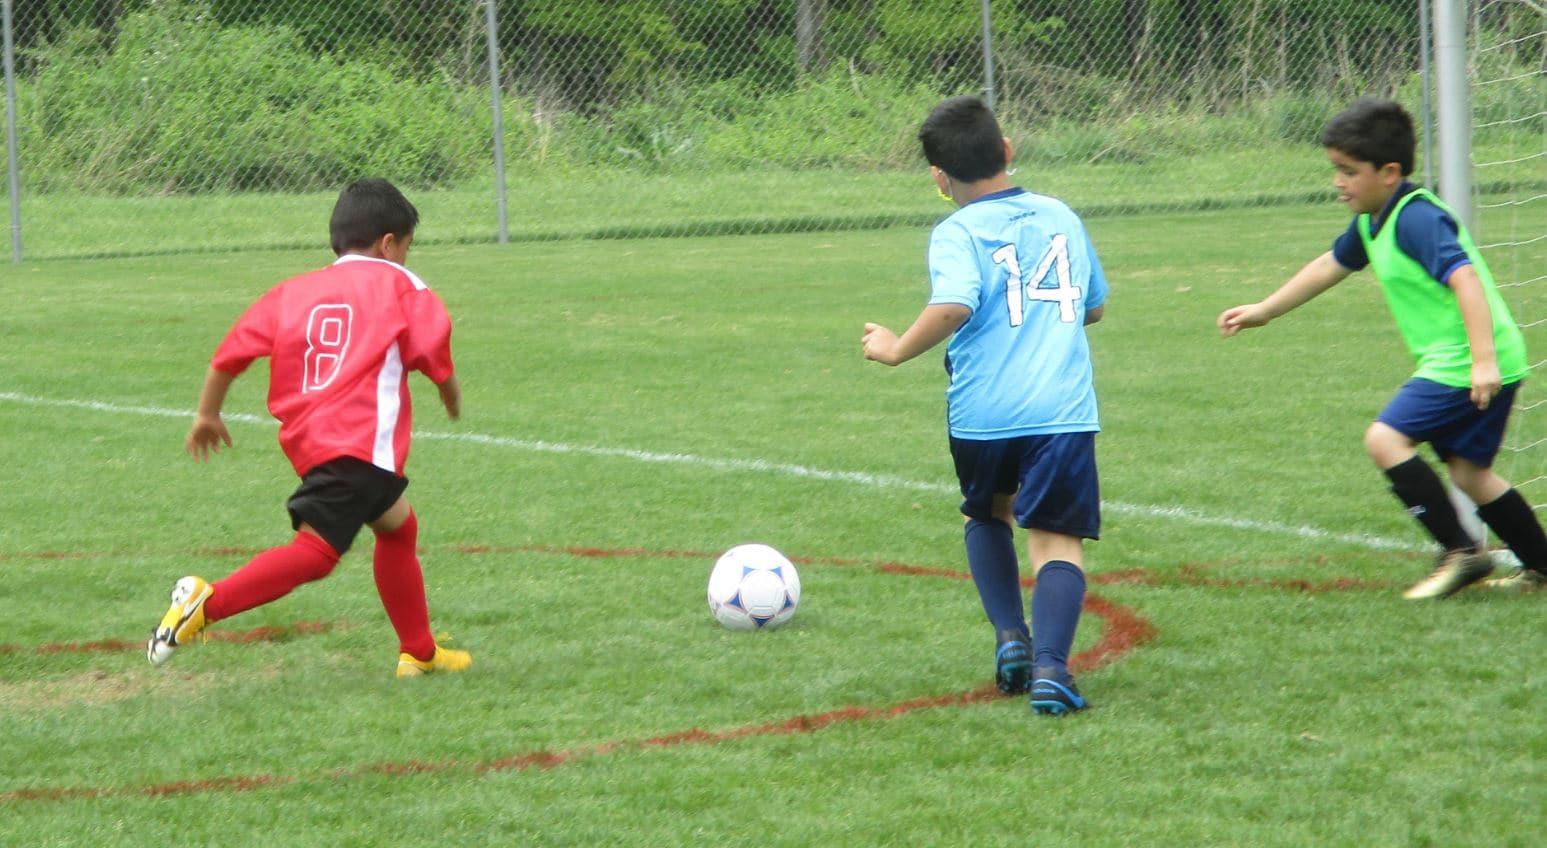 Hope Soccer Red Team vs Hope Soccer Blue Team